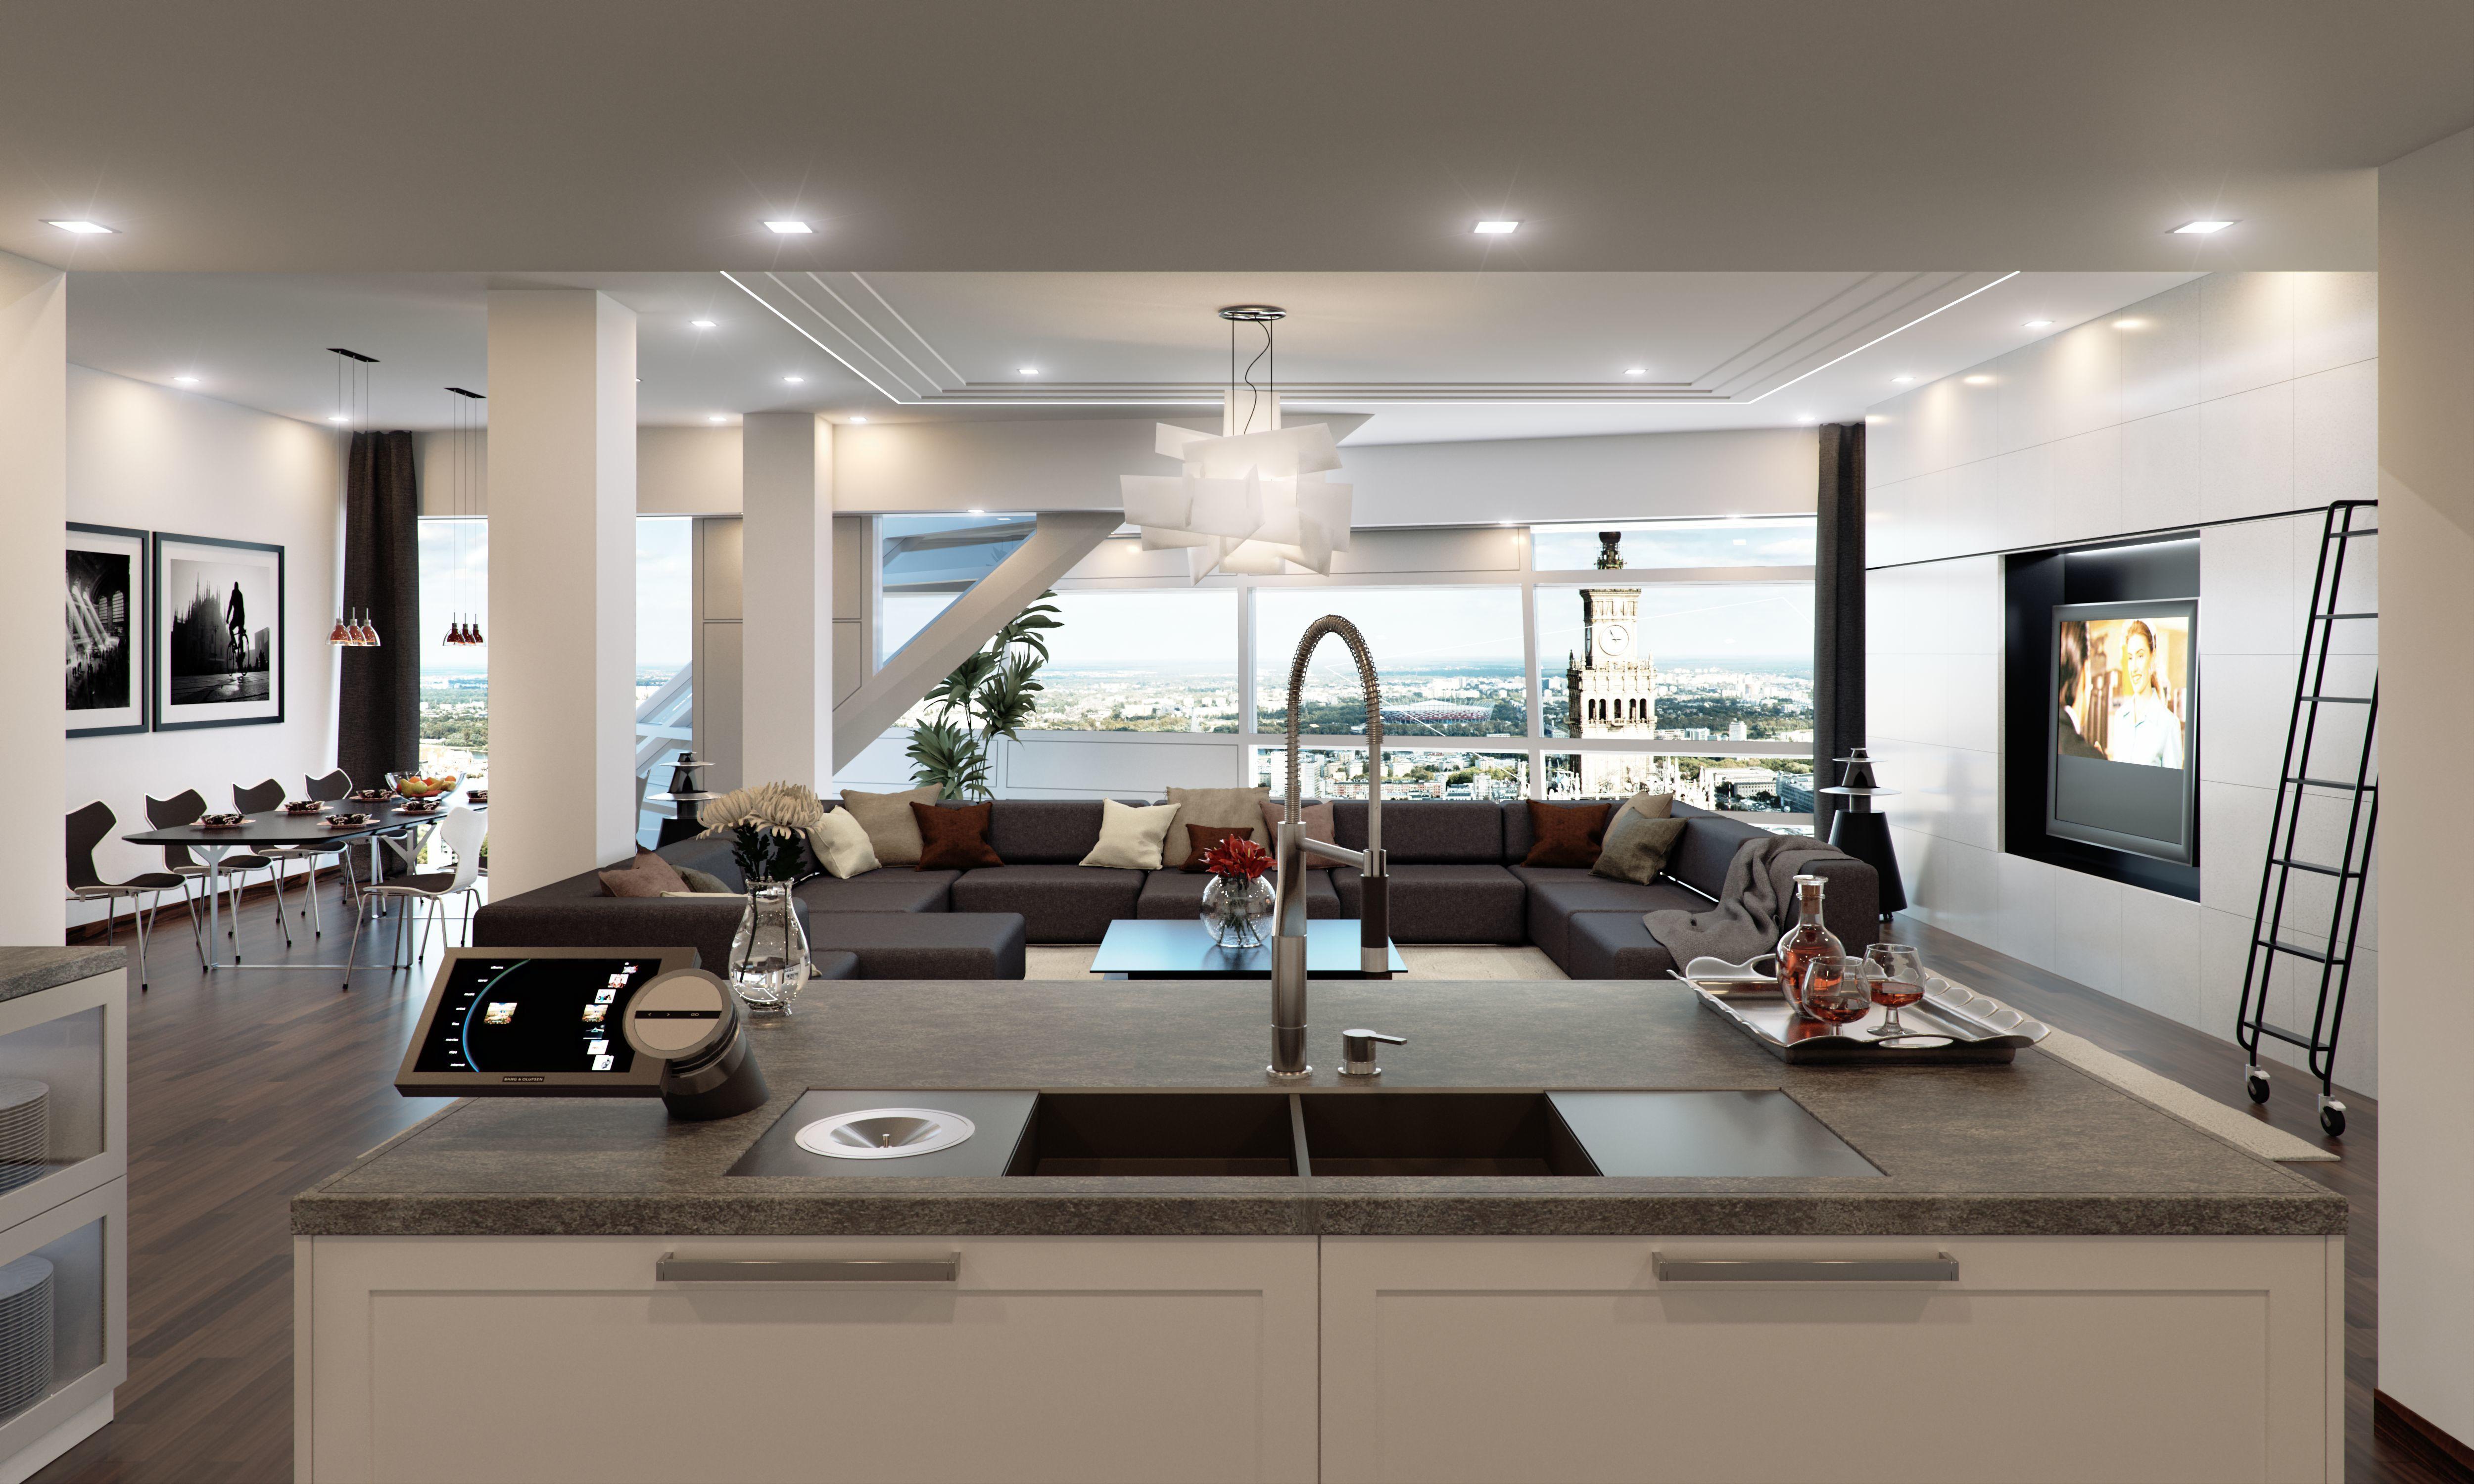 interiør-luksus-hotel-lejlighed-køkken-stue-table-stole-sofa-tv-bord